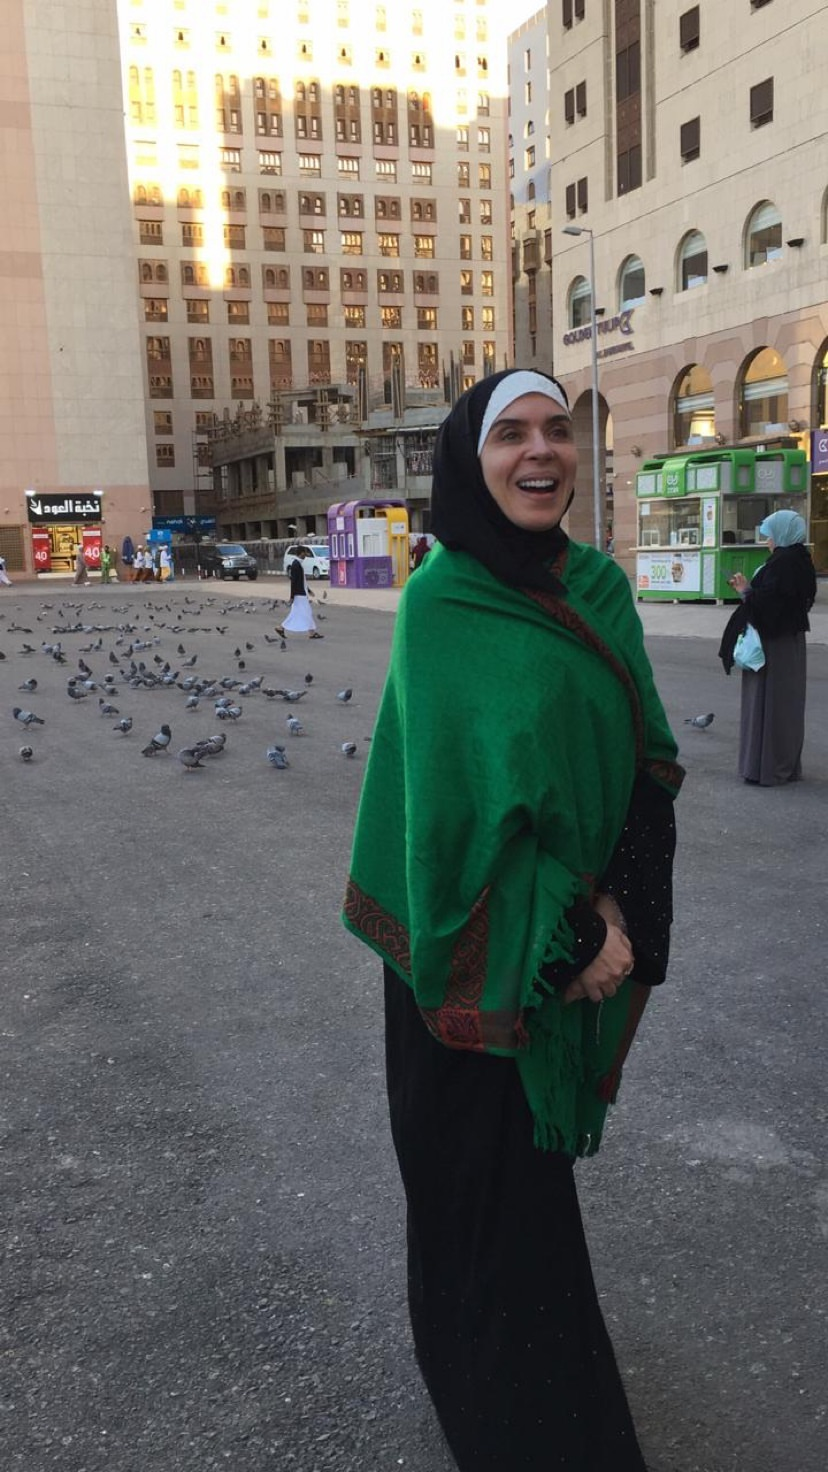 -الفنانة-دينا-ترتدى-شال-أخضر-خلال-تواجدها-فى-مكة-لأداء-العمرة